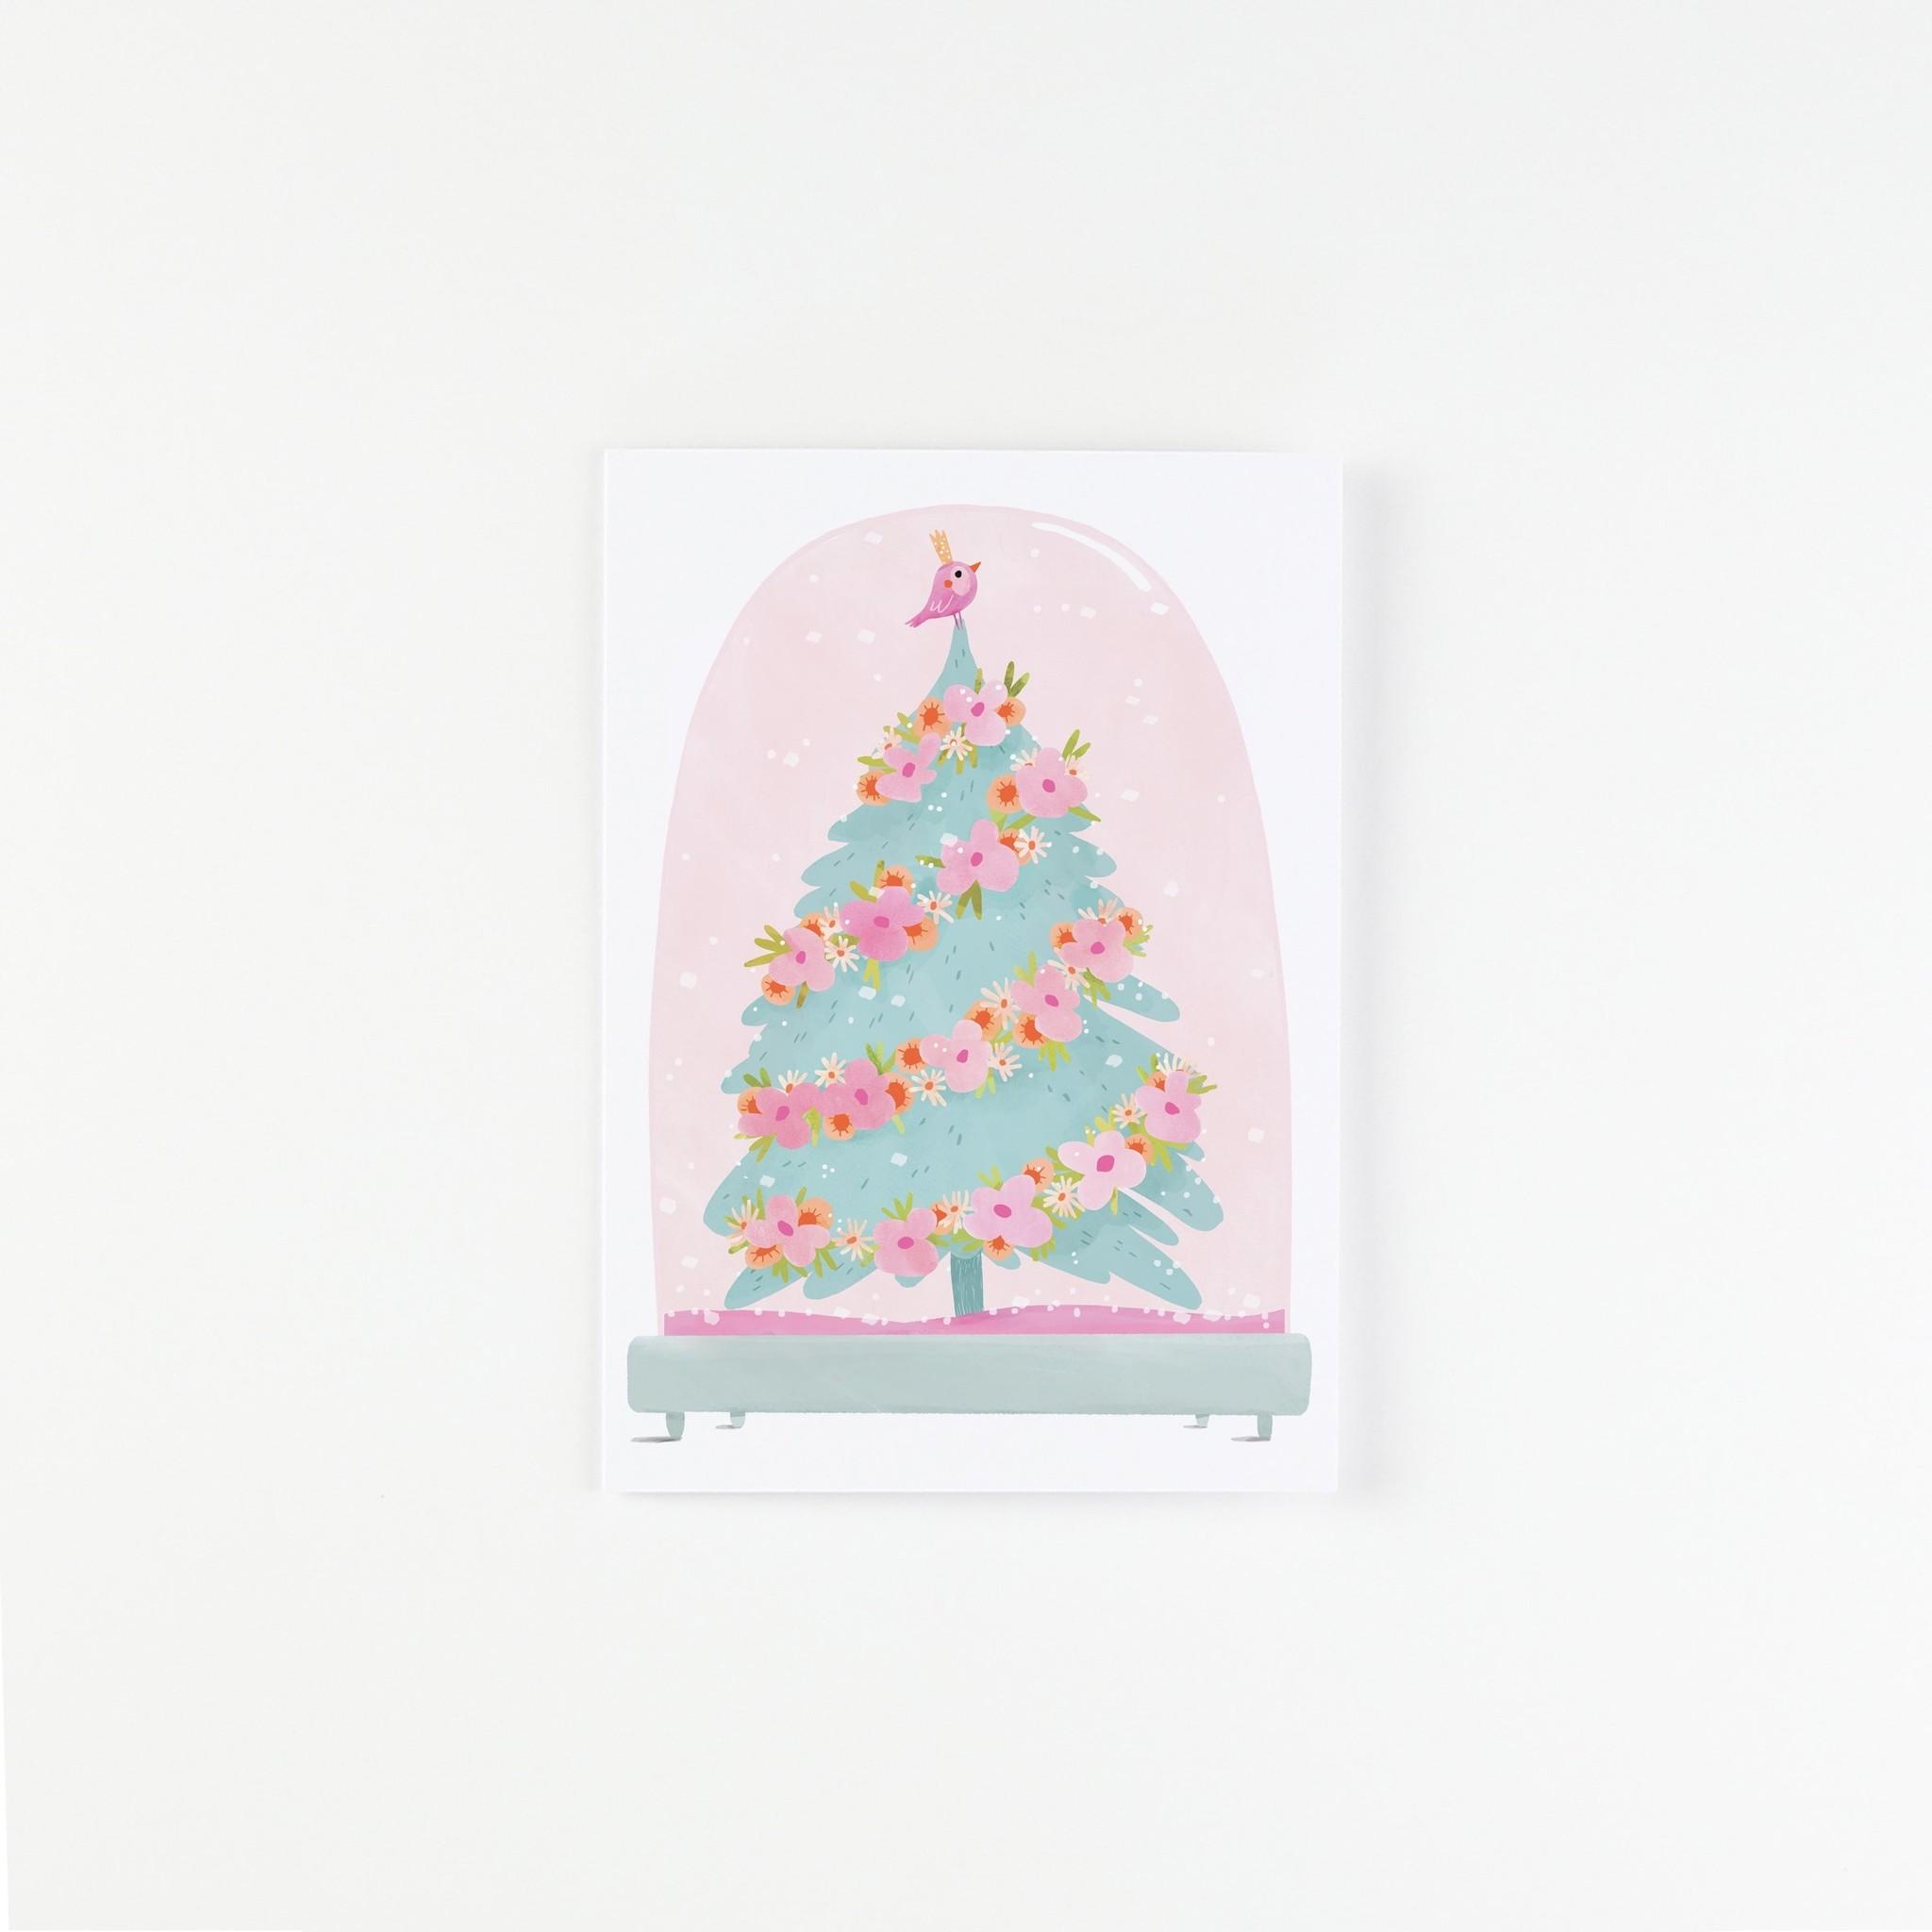 HeyMaca HeyMaca - Snow Globe Greeting Card